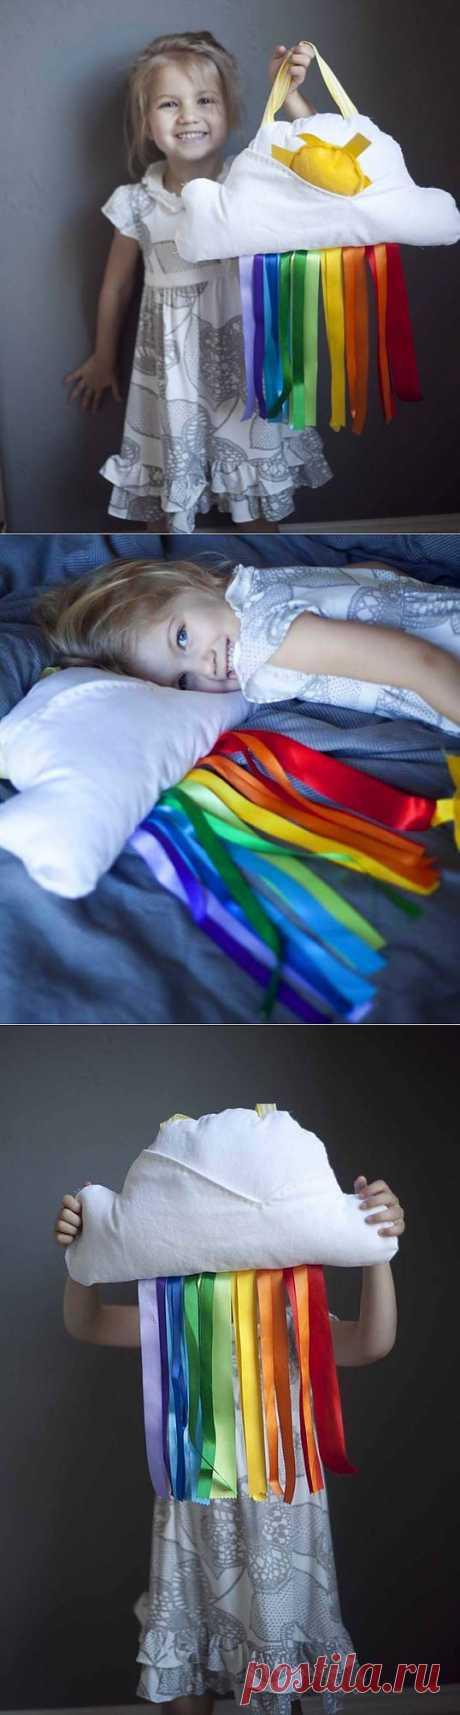 Подушка в детскую / Подушки / Модный сайт о стильной переделке одежды и интерьера